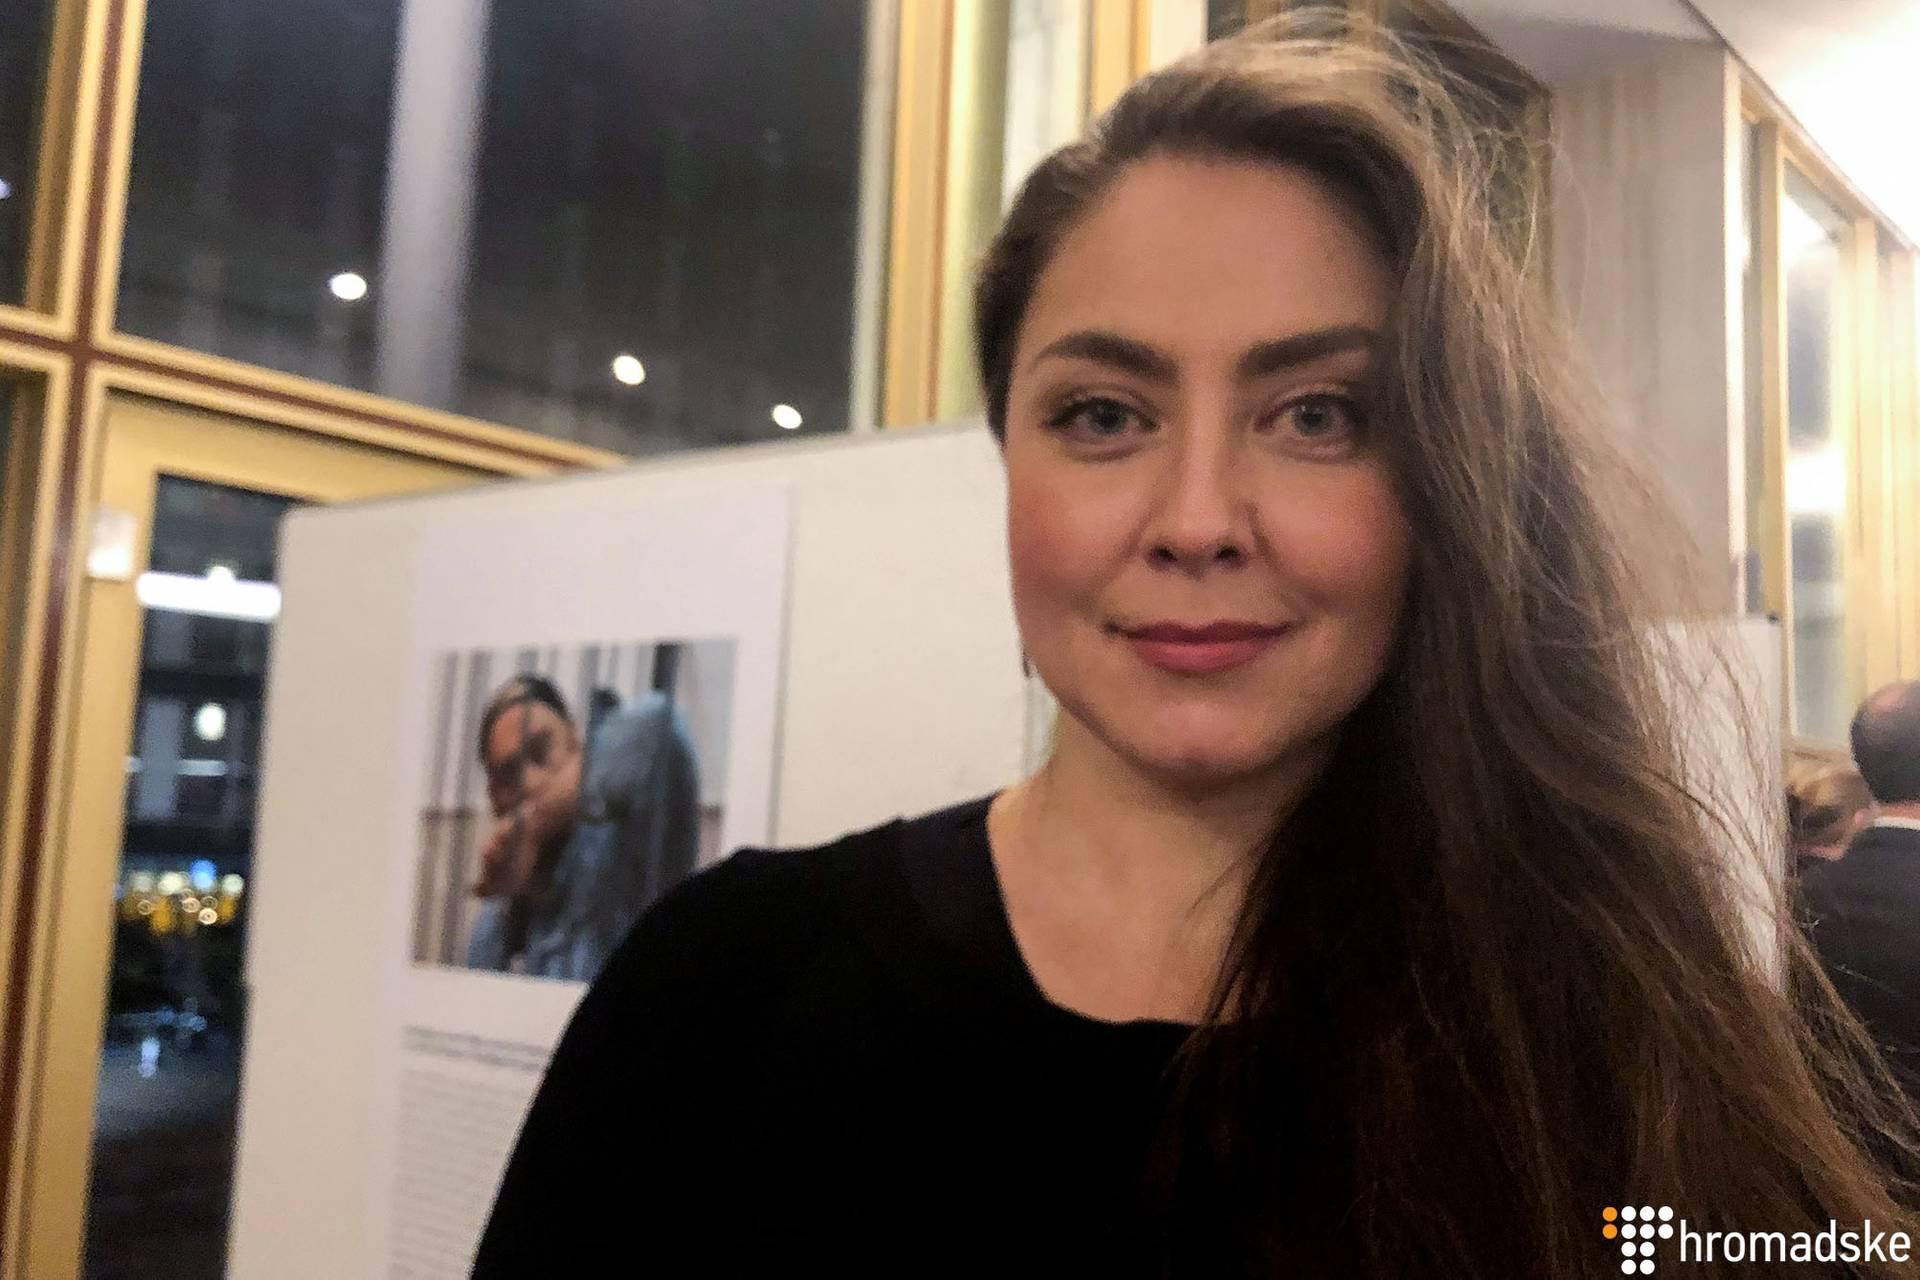 Українська оперна співачка, виконавиця партії Абігайл в опері «Набукко» Оксана Дика після прем'єри у Гамбурзі, Німеччина, 10 березня 2019 року